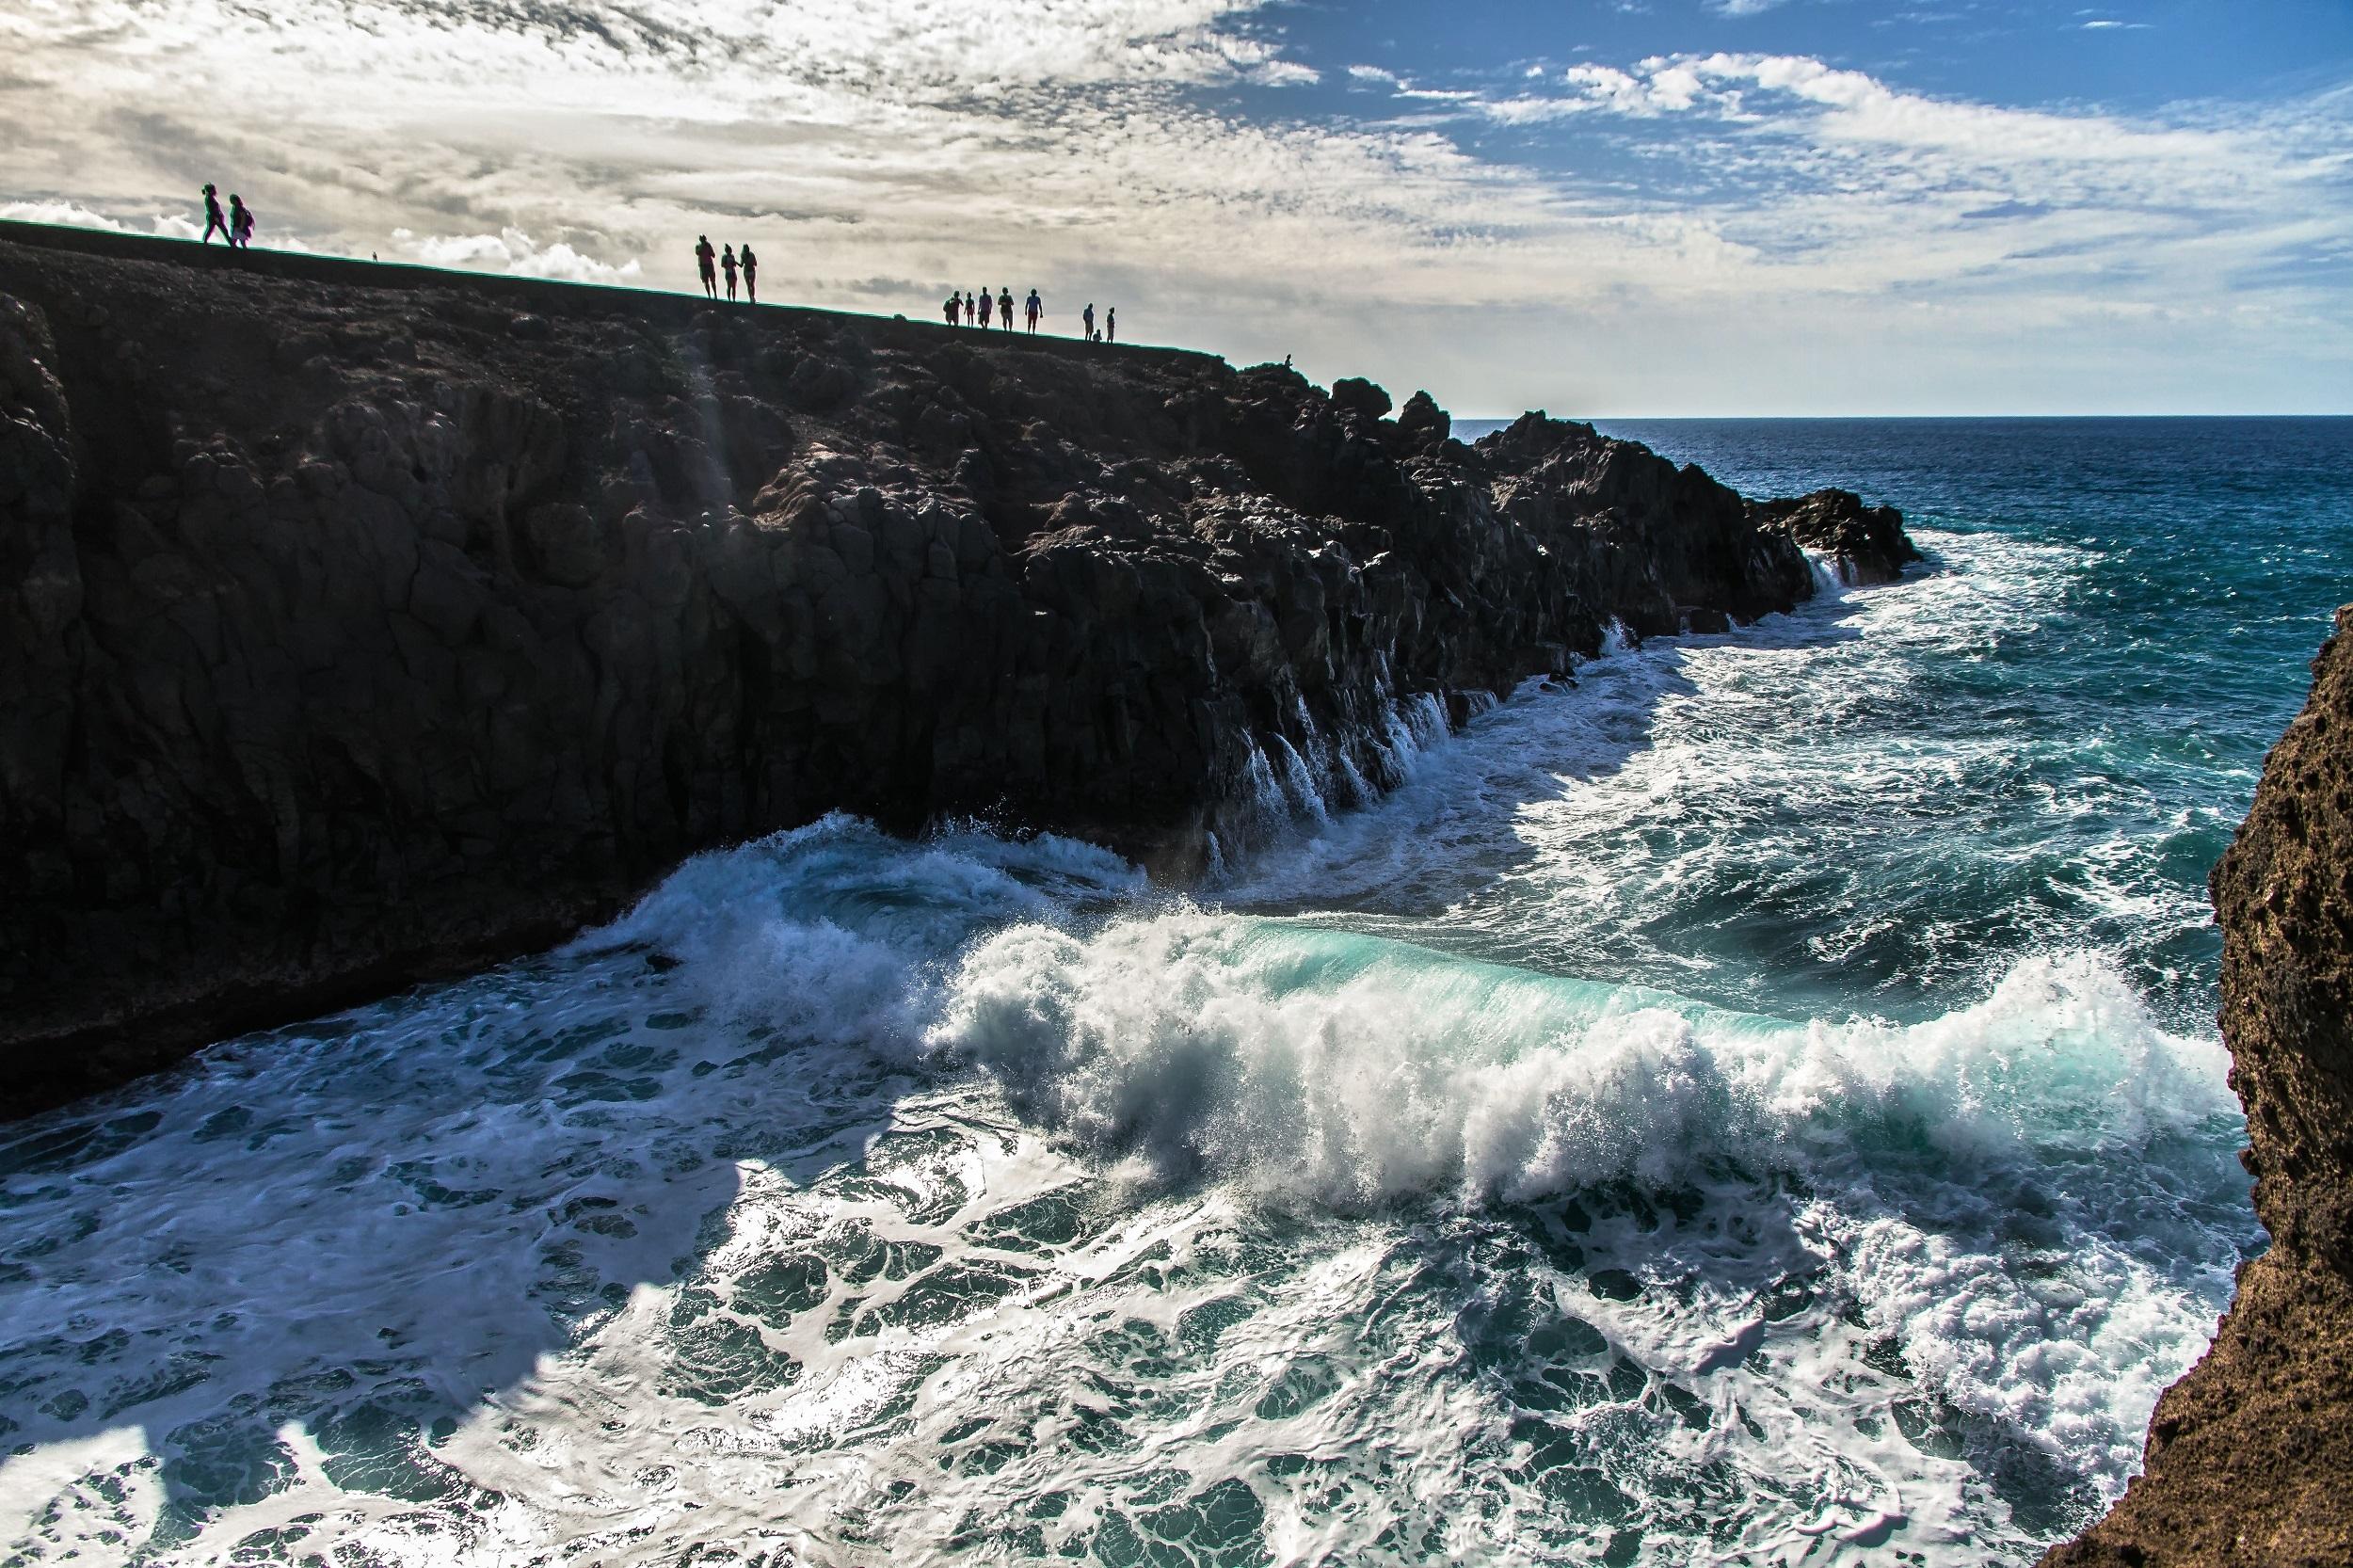 Los Hervideros Roar, Lanzarote, What you see